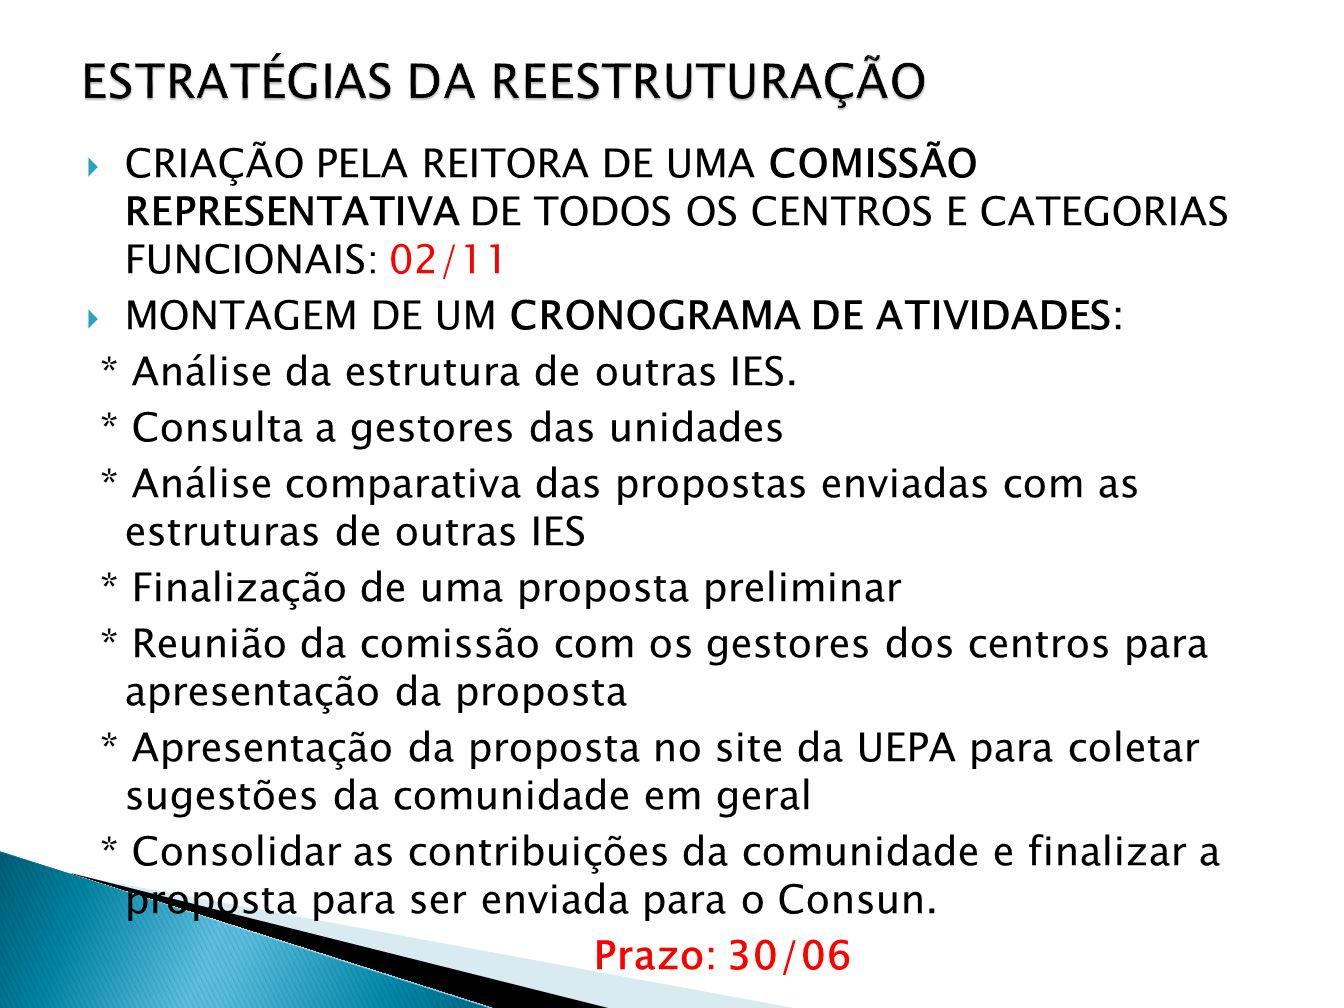  CRIAÇÃO PELA REITORA DE UMA COMISSÃO REPRESENTATIVA DE TODOS OS CENTROS E CATEGORIAS FUNCIONAIS: 02/11  MONTAGEM DE UM CRONOGRAMA DE ATIVIDADES: *